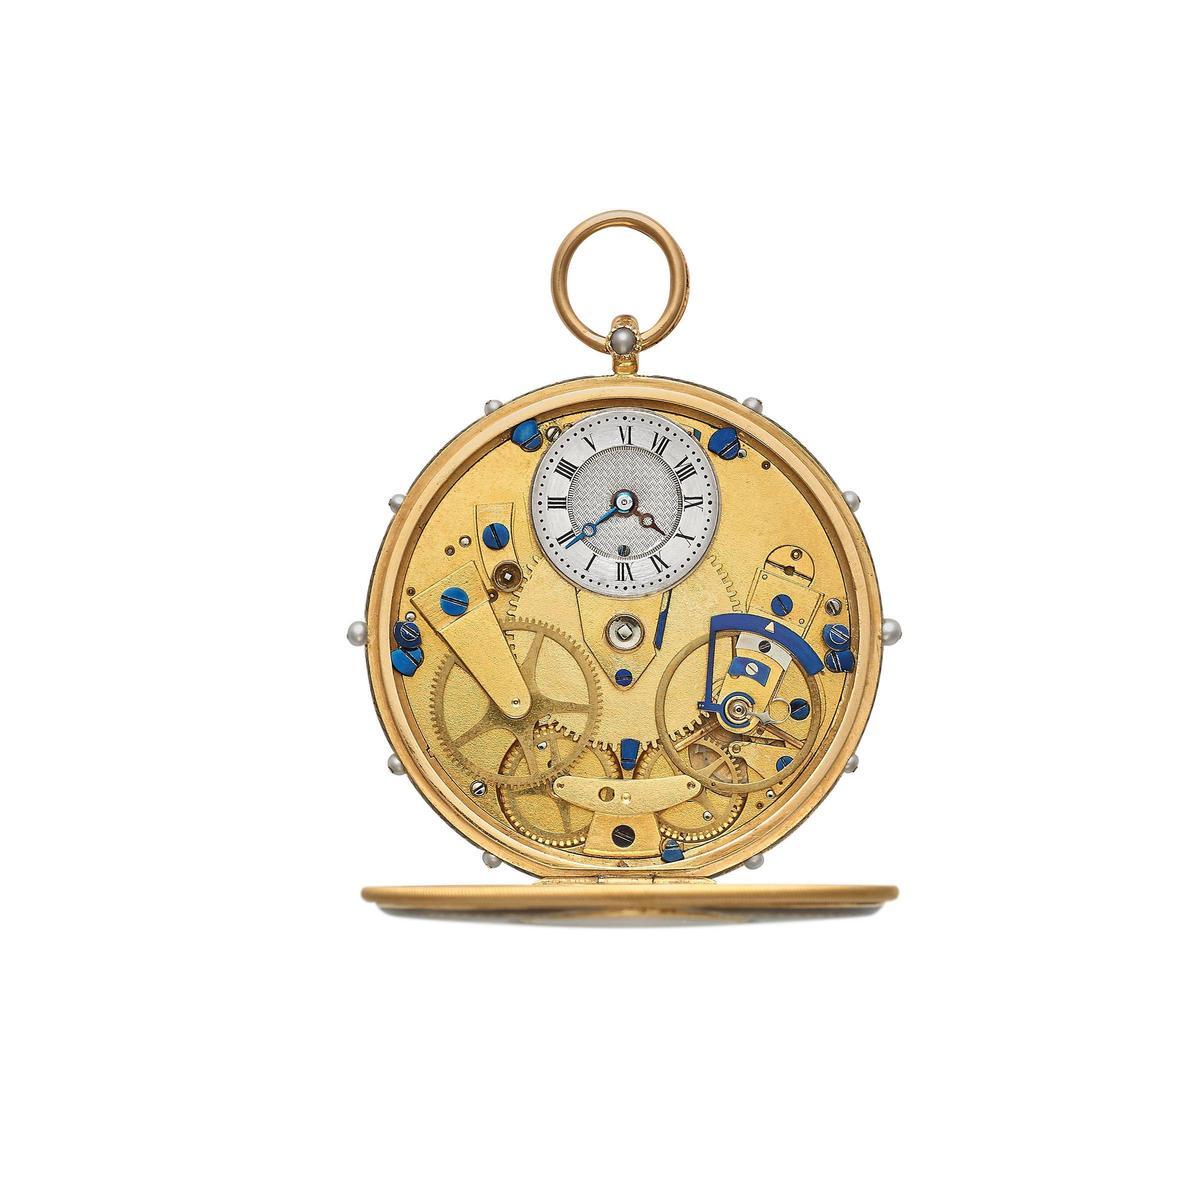 編號2992的寶璣歷史懷錶,當時的面盤配置成了目前Tradition系列的特色重點。